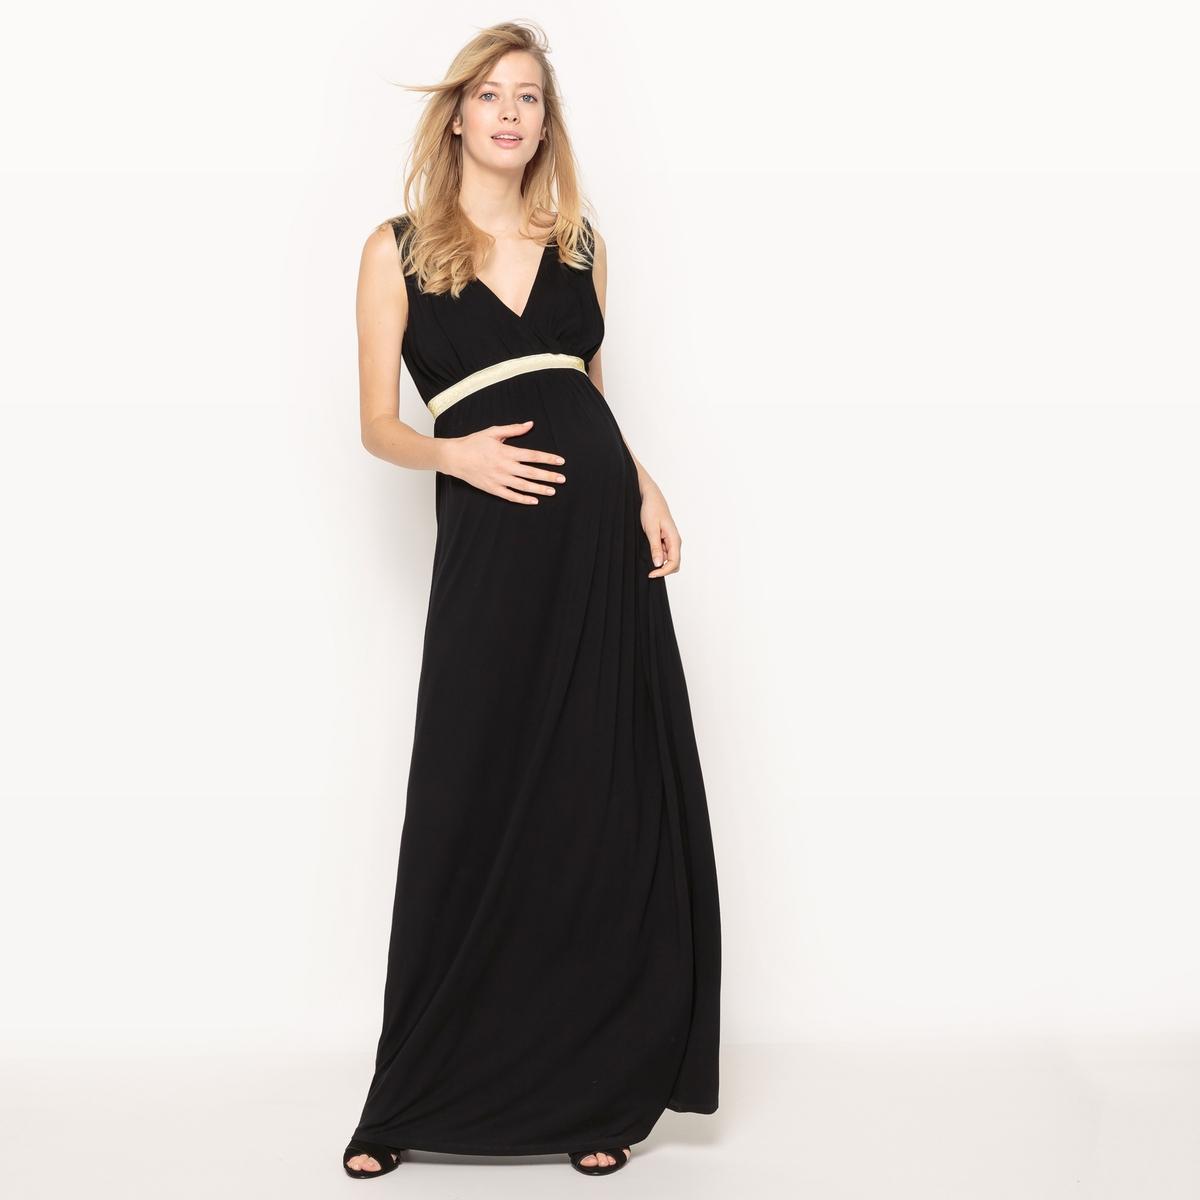 Платье для периода беременности длинное из джерсиМатериал : 95% вискозы, 5% эластана             Длина рукава : без рукавов             Форма воротника : V-образный вырез            Покрой платья : длинное платье            Рисунок : однотонная модель             Особенность платья : с драпировкой            Длина платья : длинная            Стирка : машинная стирка при 30 °С в деликатном режиме            Уход : сухая чистка и отбеливание запрещены            Машинная сушка : запрещена            Глажка : при низкой температуре<br><br>Цвет: черный<br>Размер: 40 (FR) - 46 (RUS).46 (FR) - 52 (RUS)